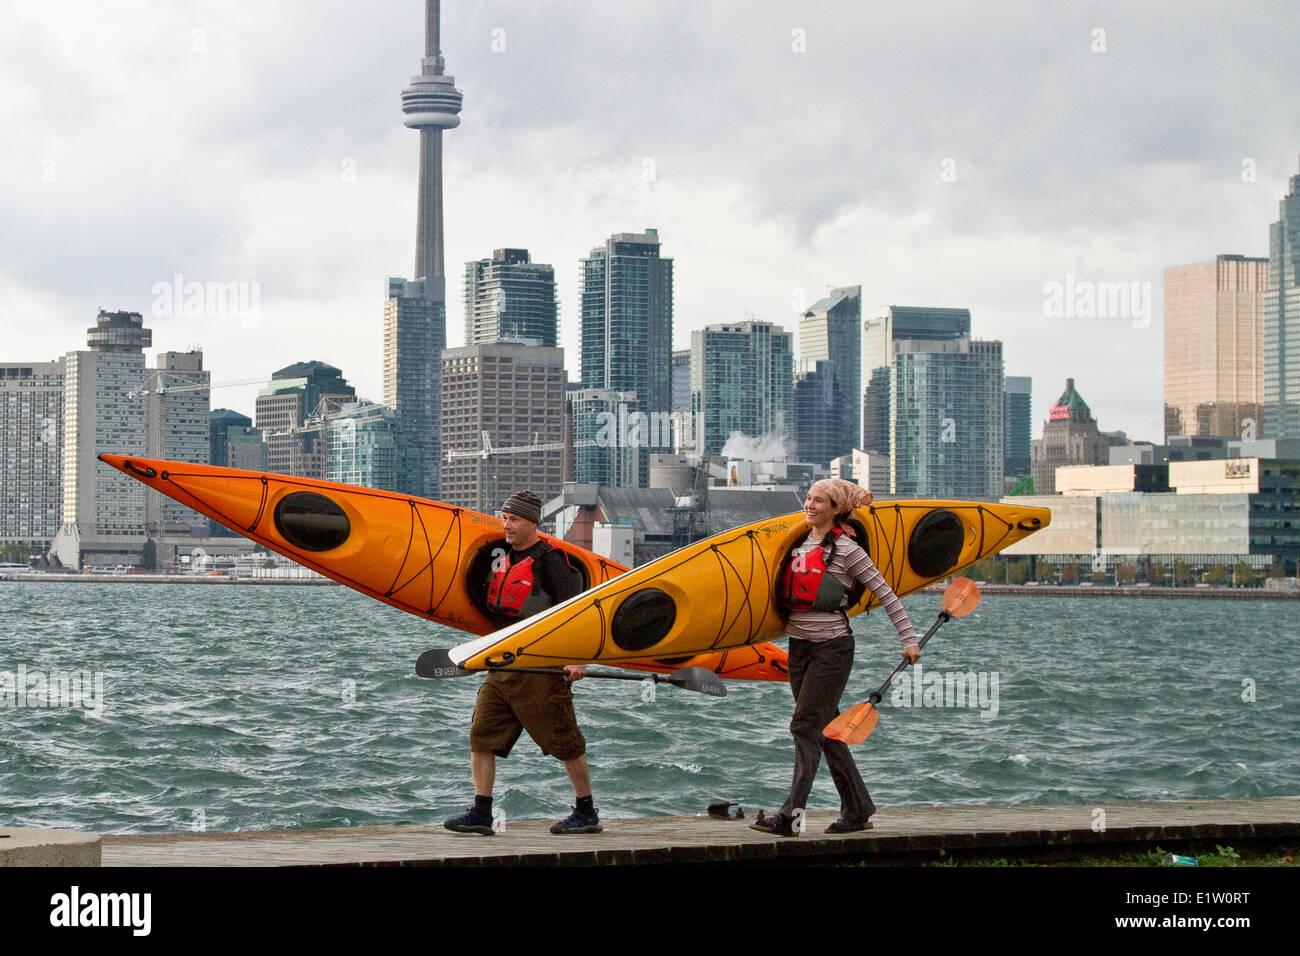 Pareja joven transportar kayaks desde el Lago Ontario, Toronto Waterfront, Toronto, Ontario, Canadá. Imagen De Stock